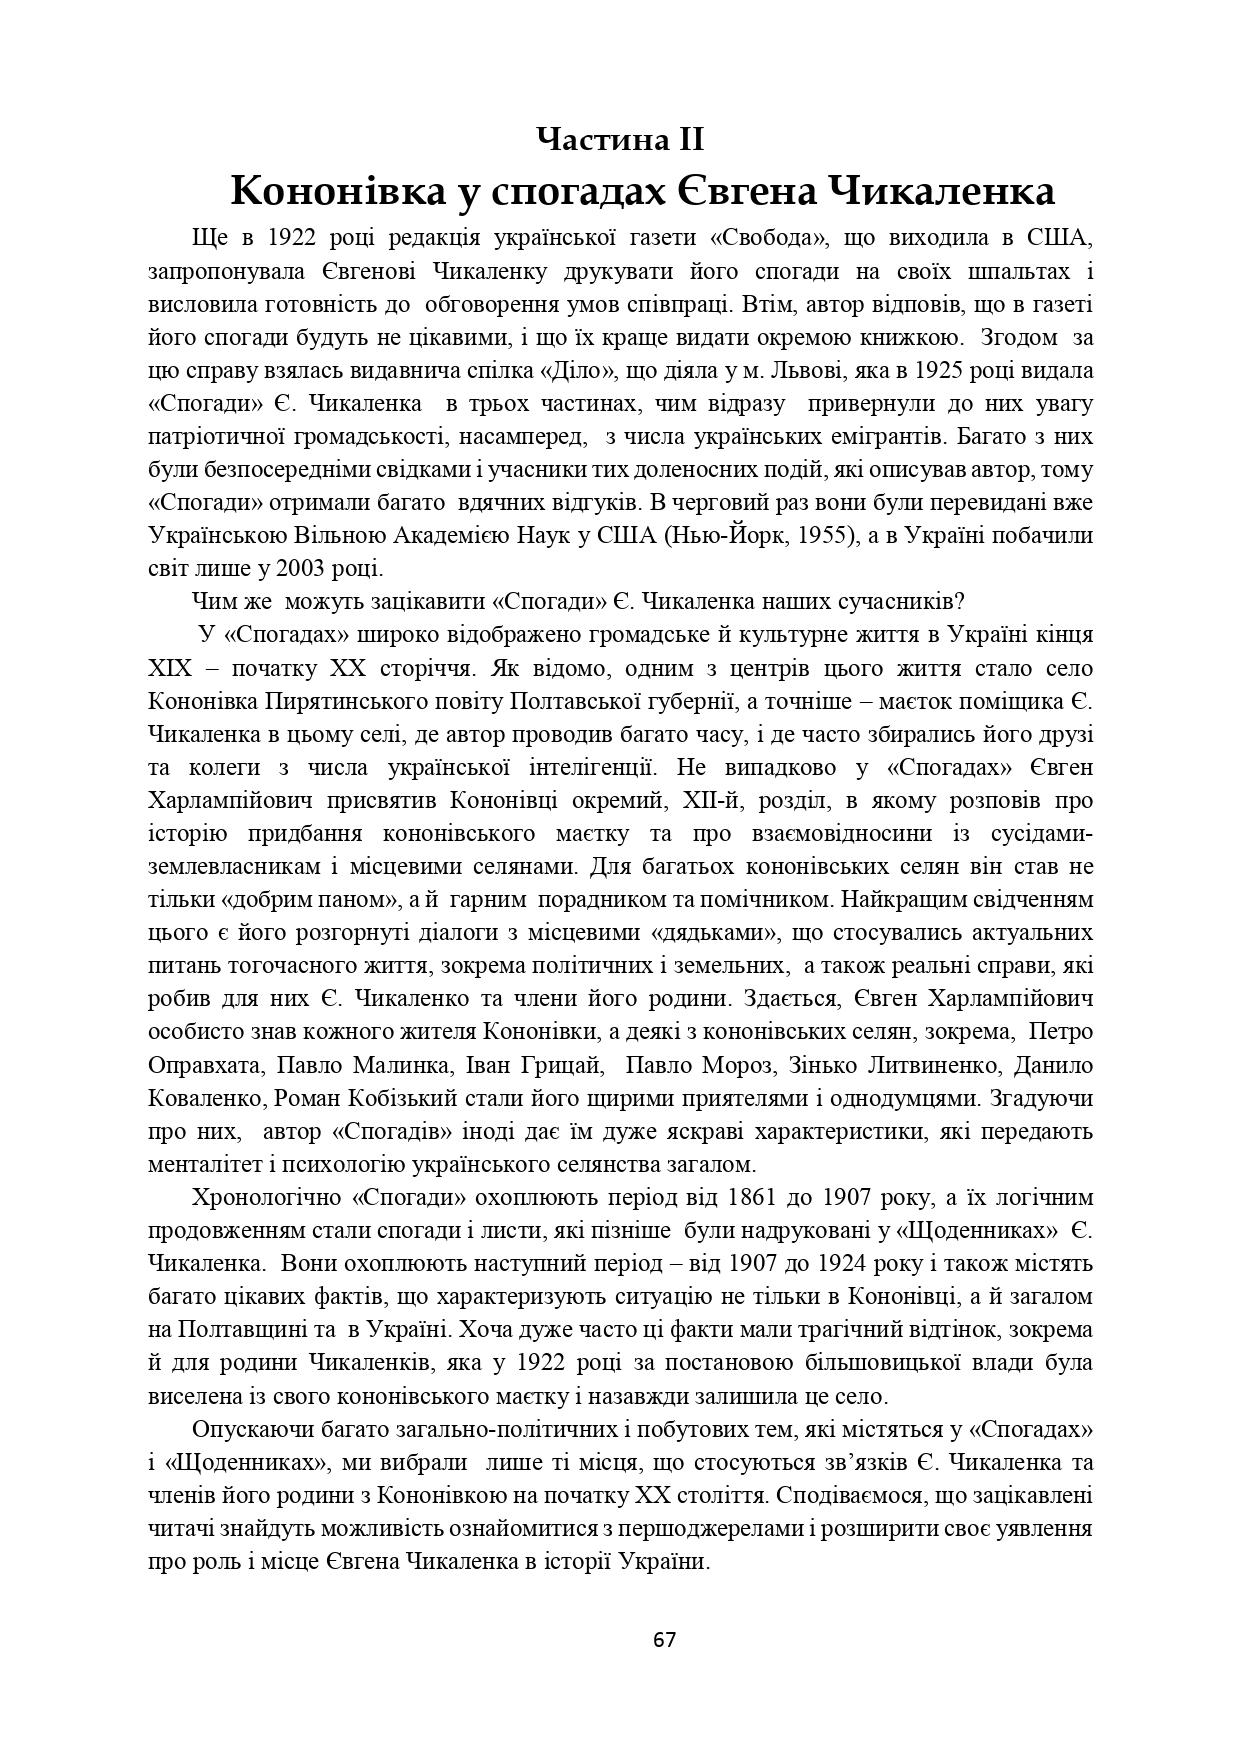 ІСТОРІЯ СЕЛА КОНОНІВКА 2021 (1)_page-0067